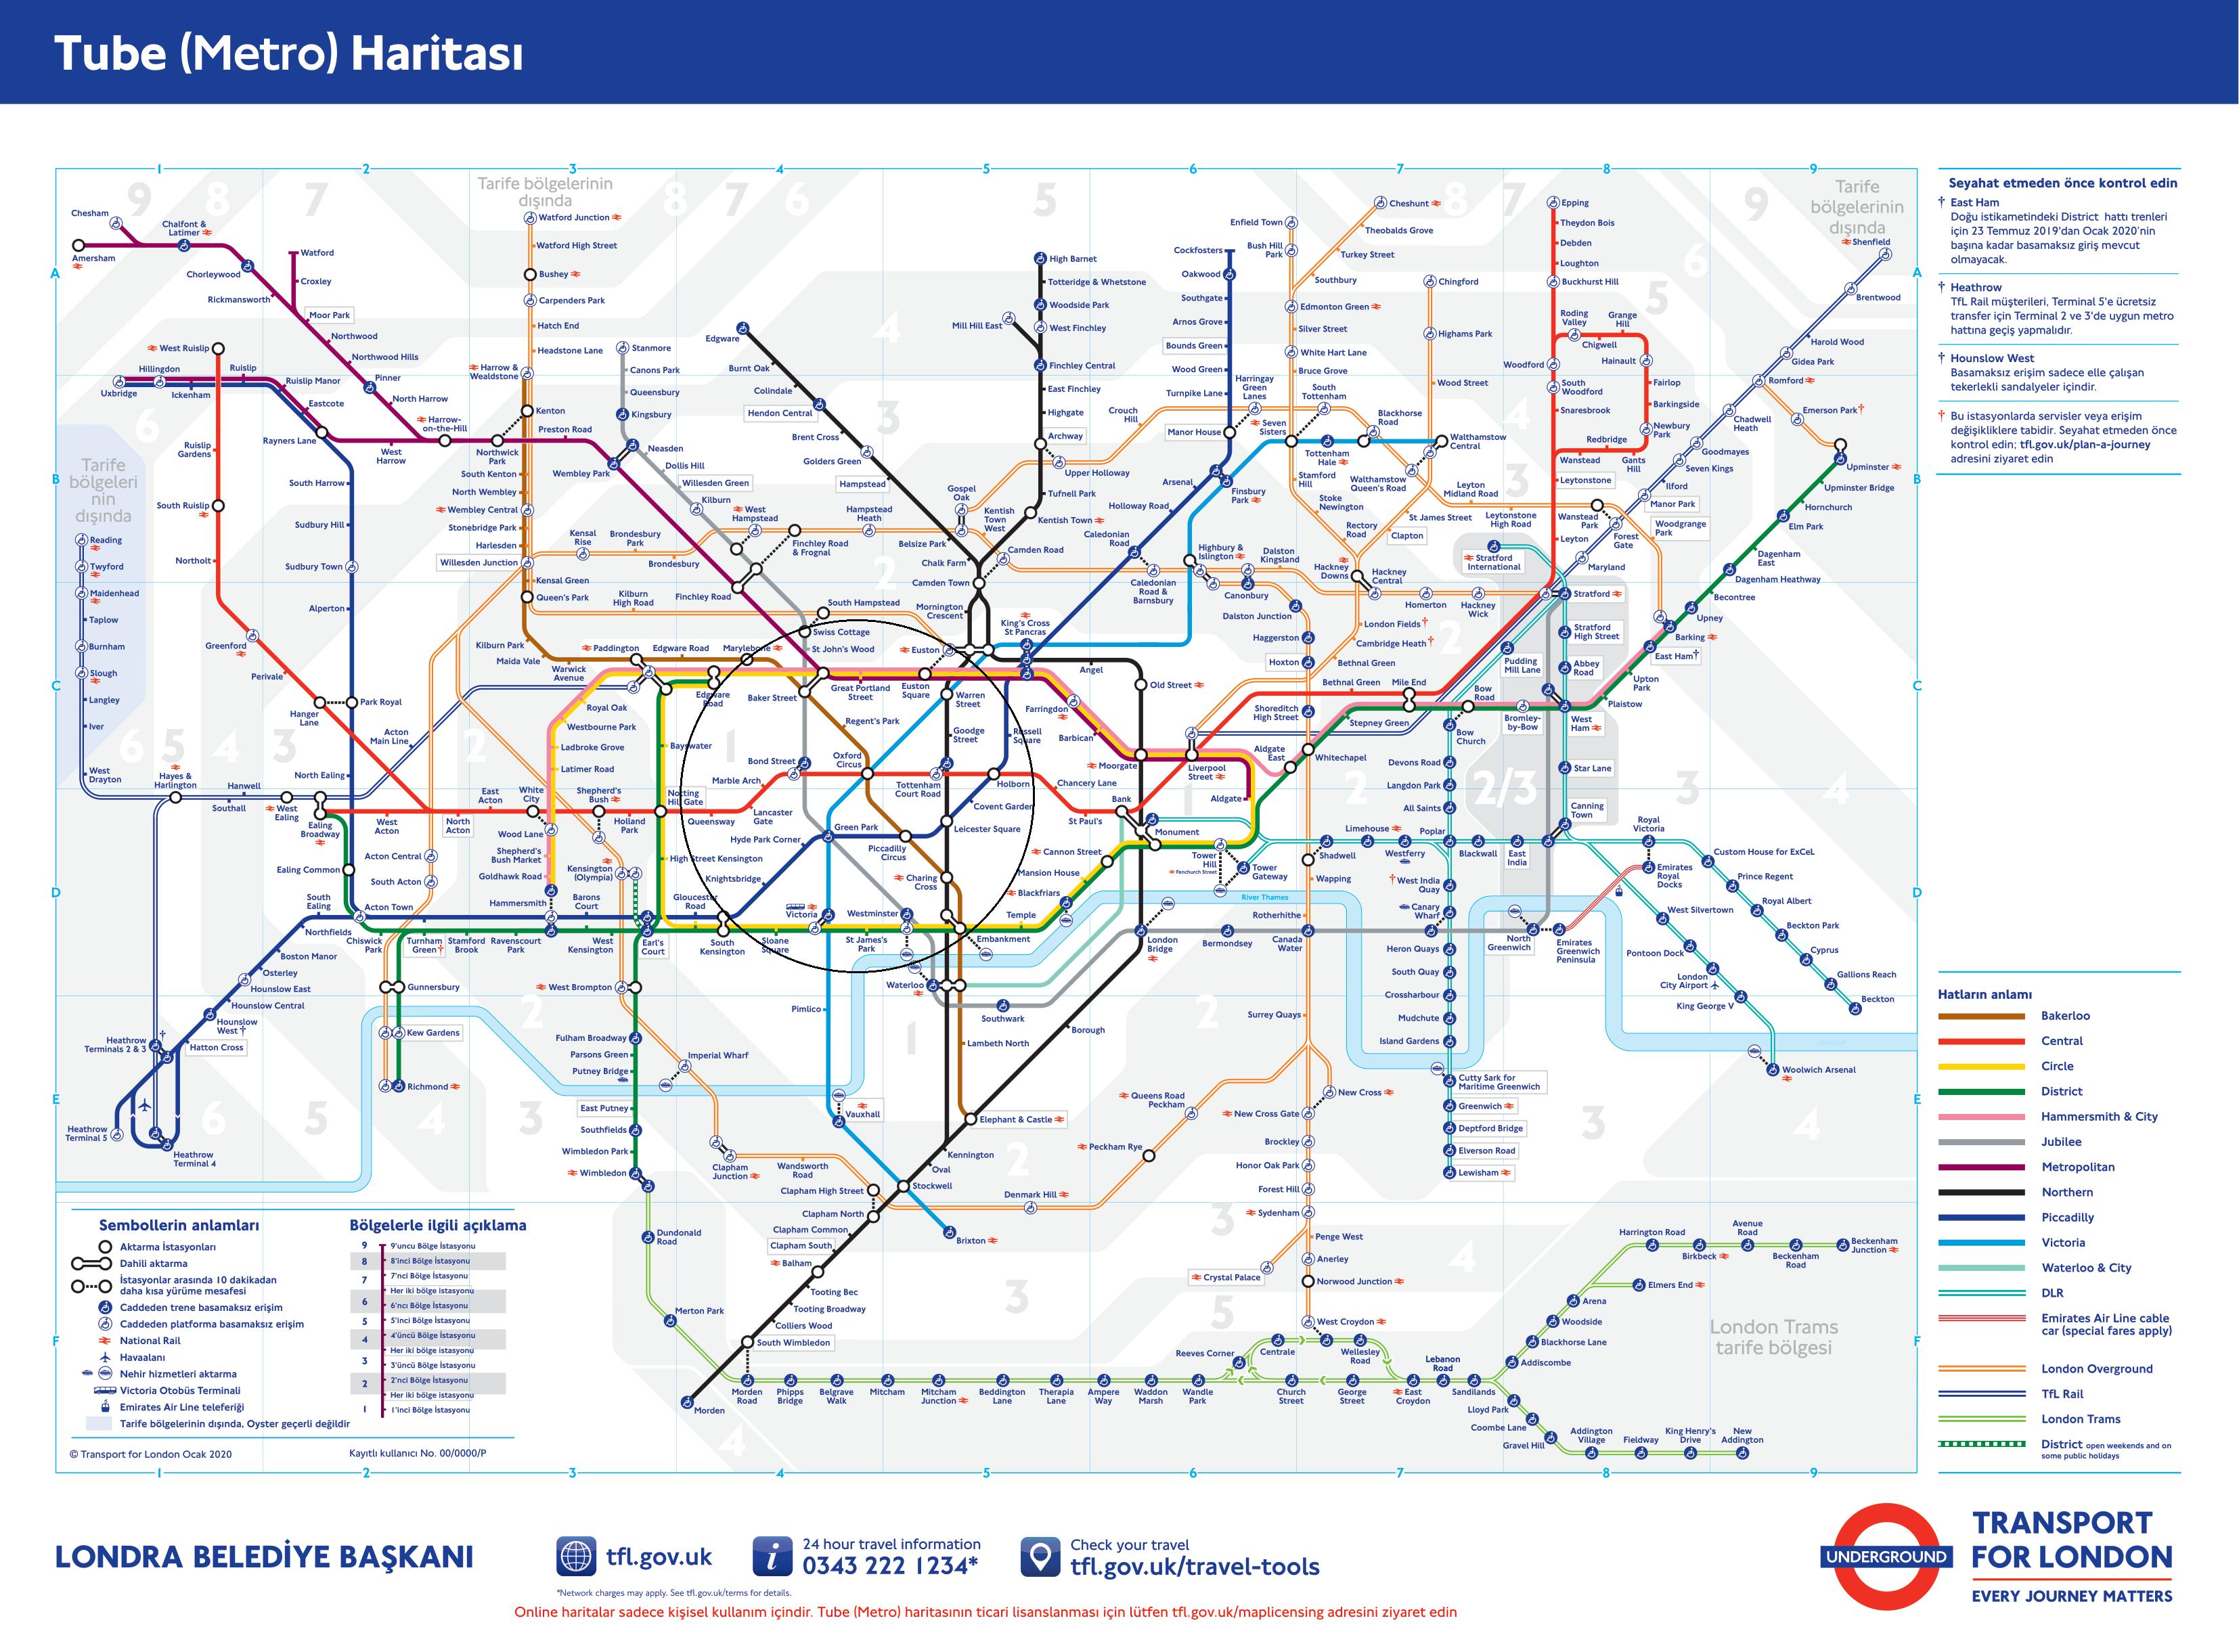 mayfair-westminster-districttransport.4.2